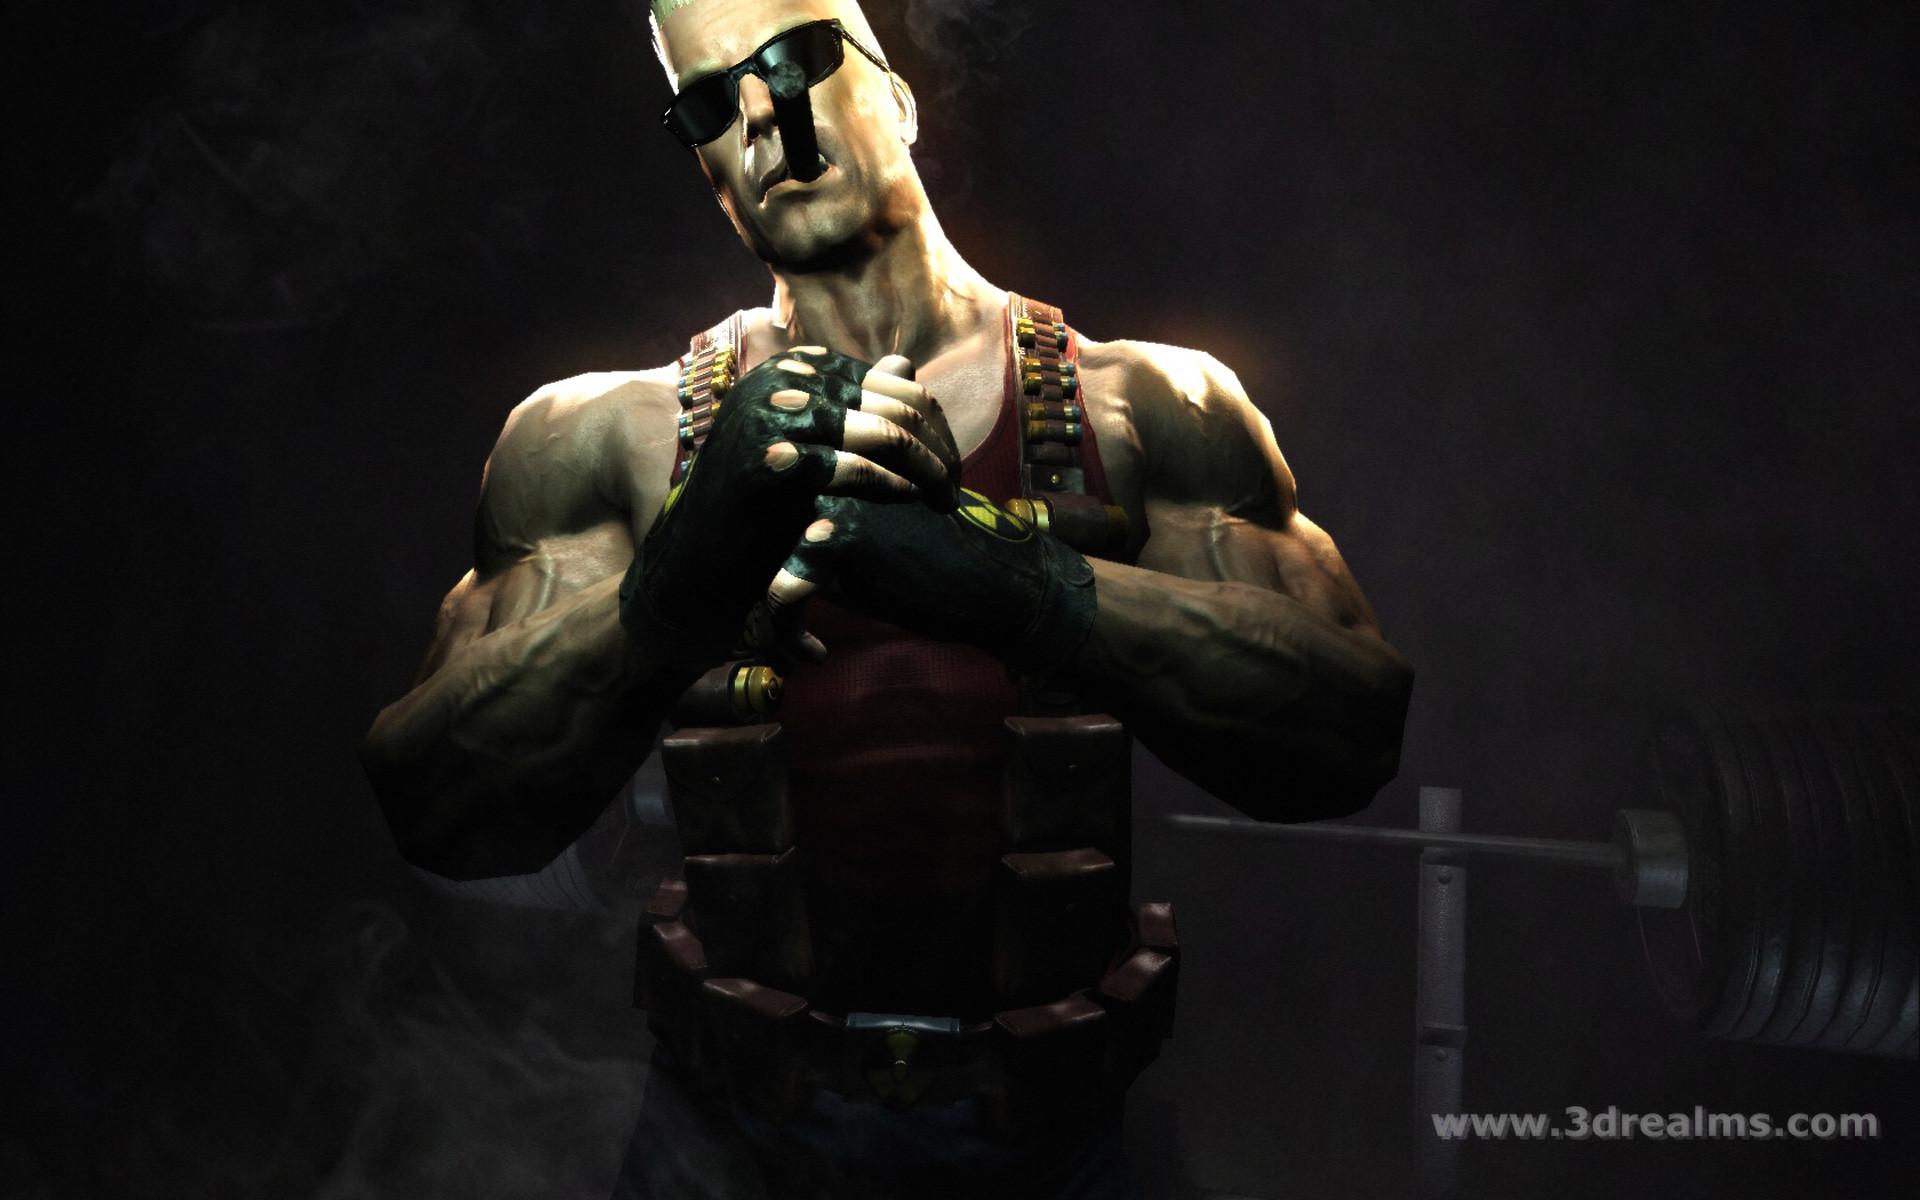 Video Game – Duke Nukem Wallpaper